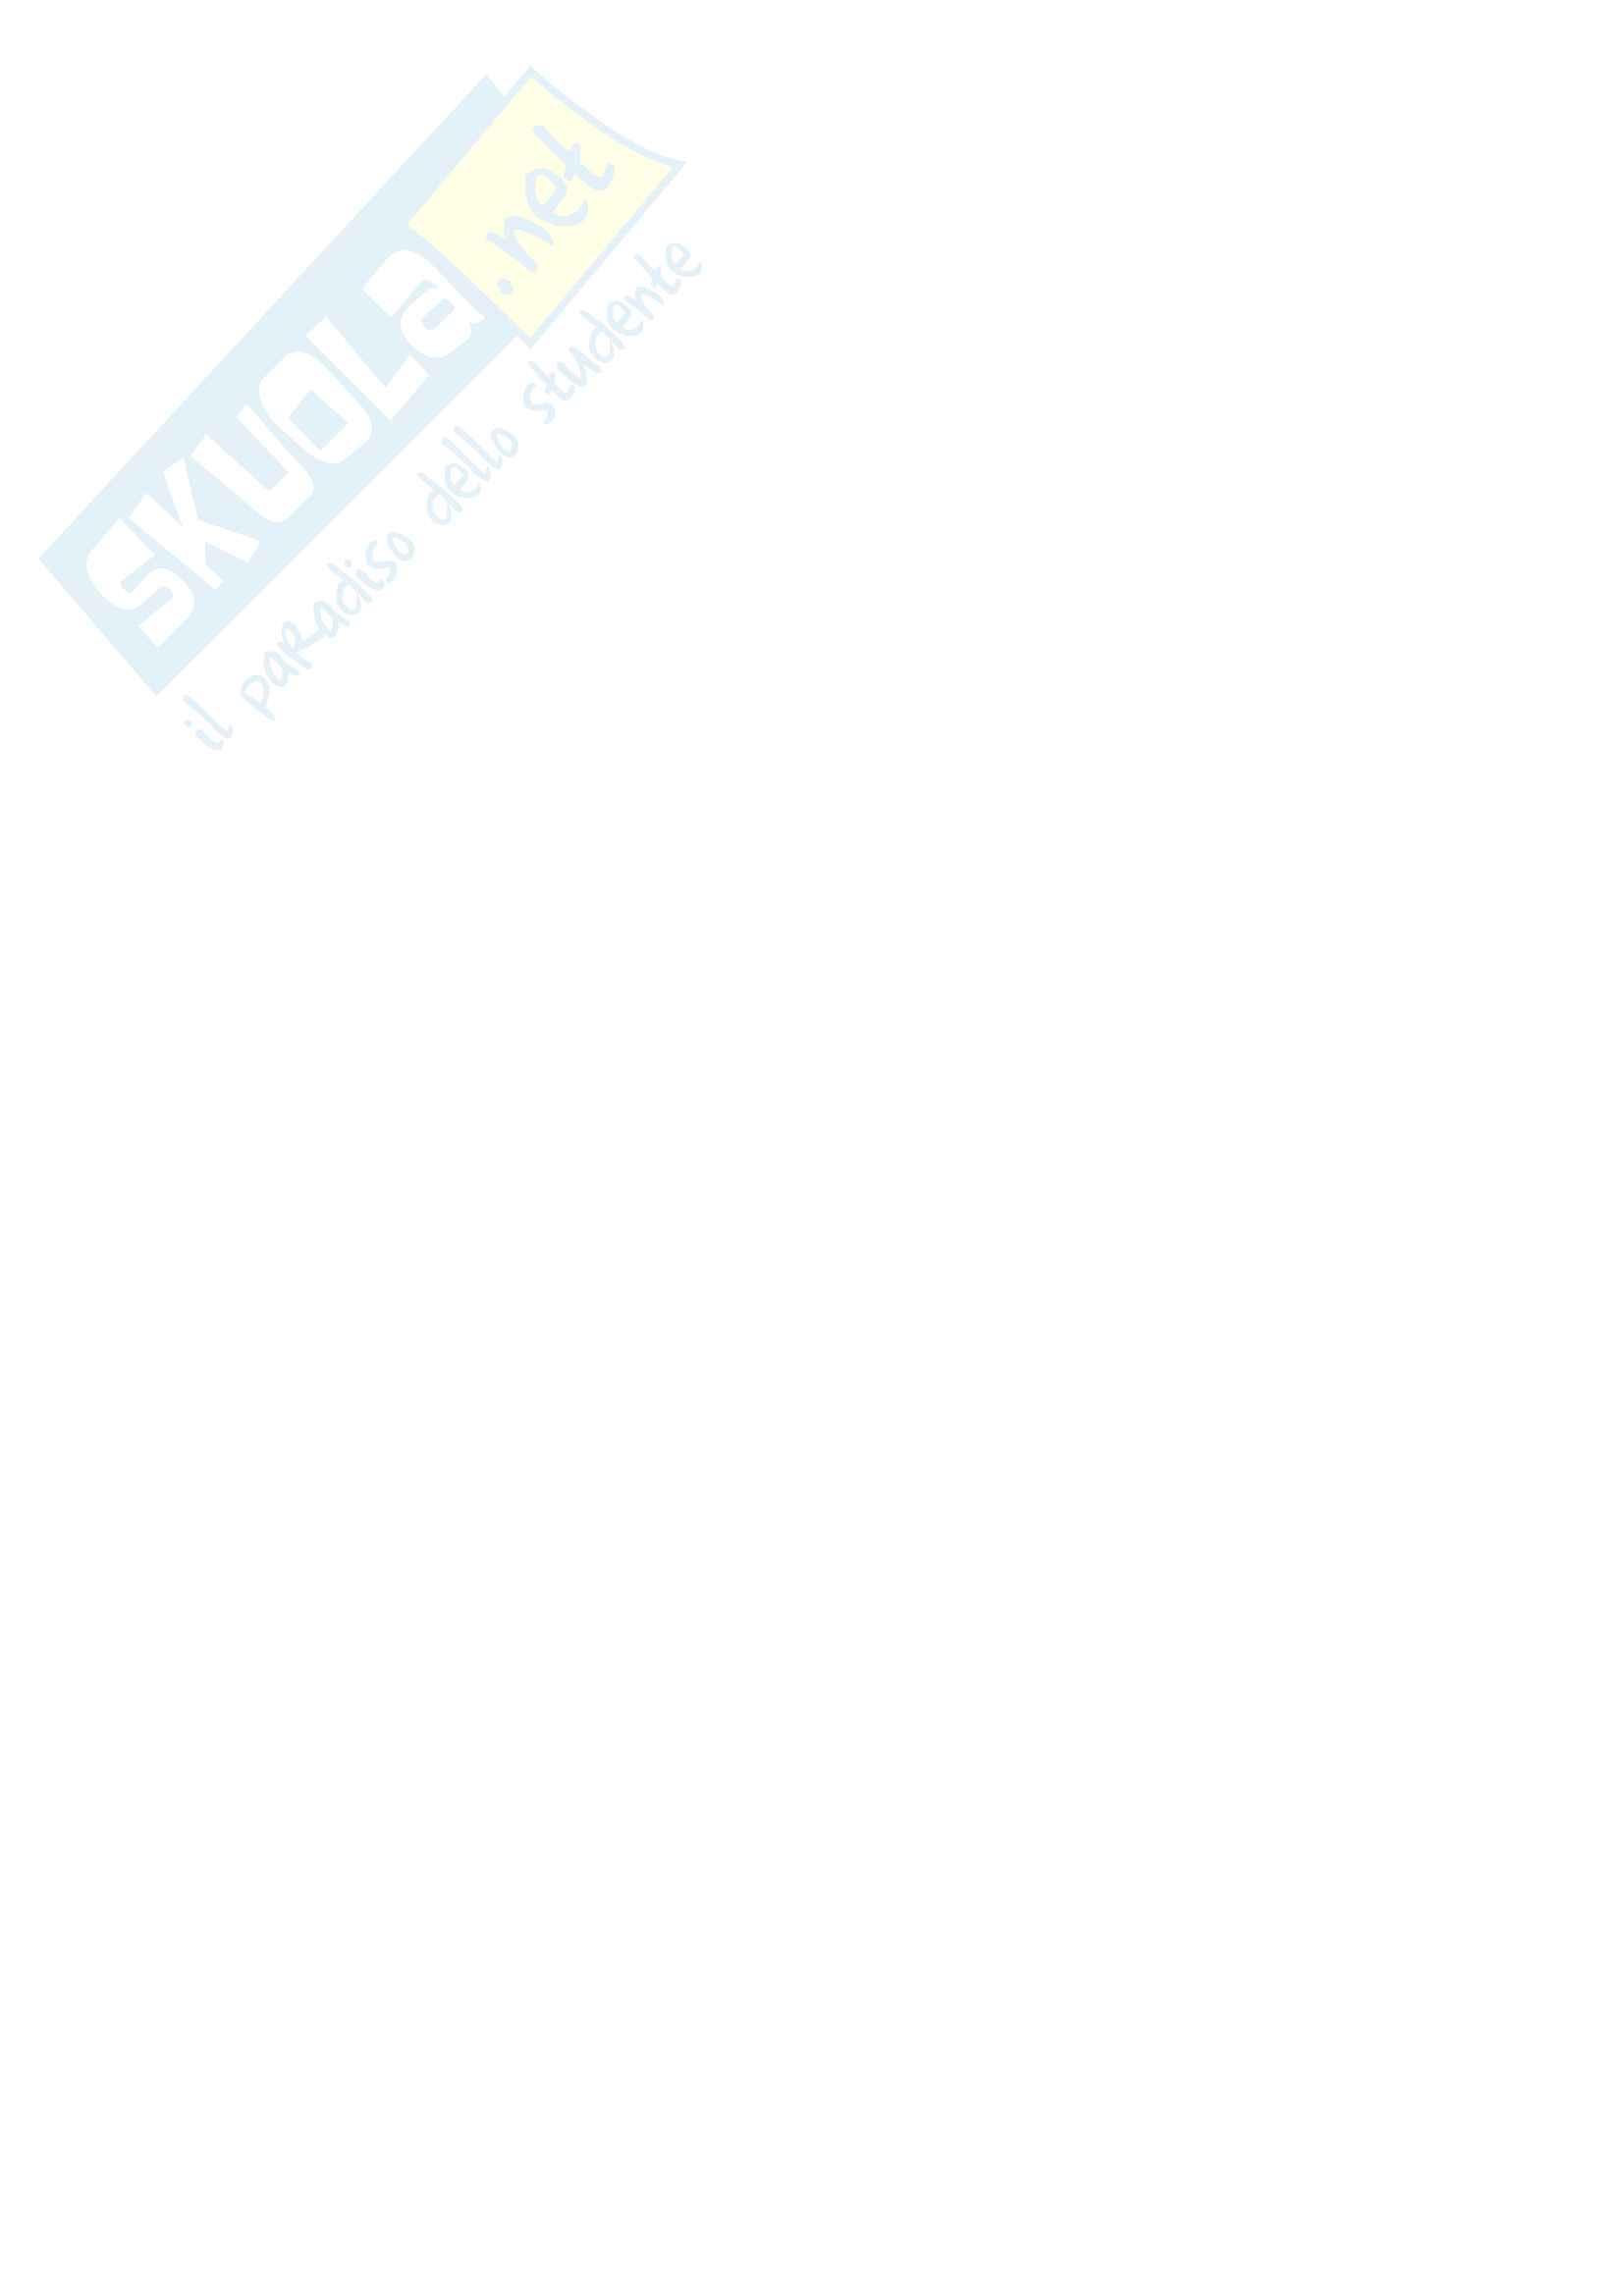 Tesi sulla sicurezza sui luoghi di lavoro ( Valutazione dei rischi e sistemi del lavoro in un'azienda metalmeccanica) Pag. 26